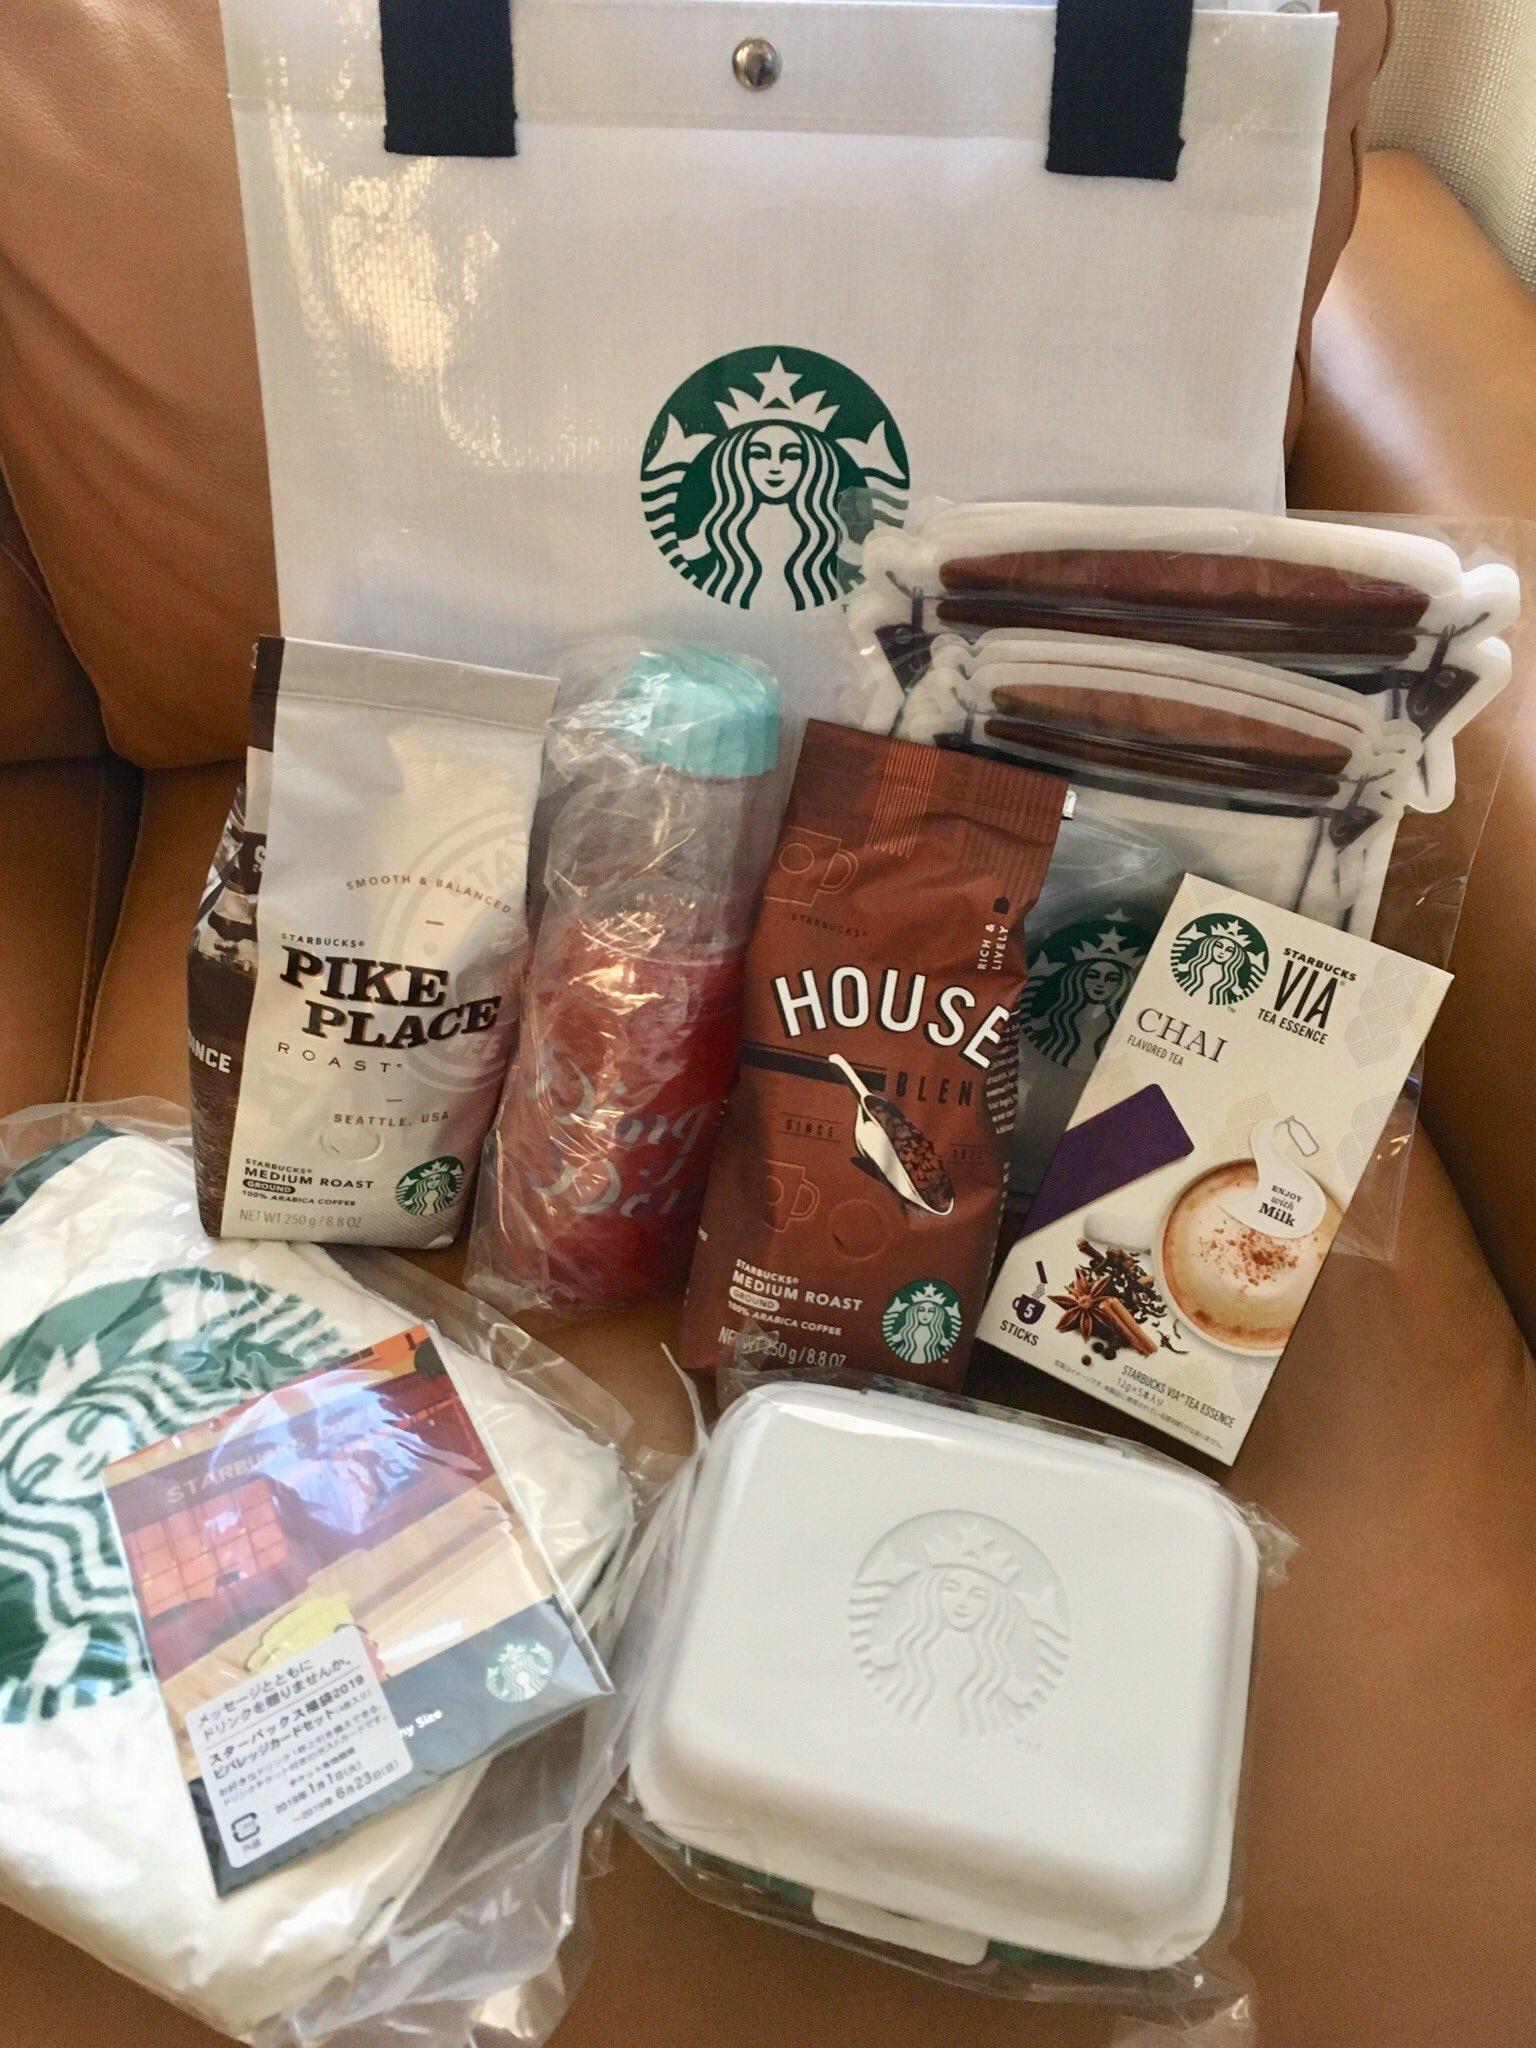 画像,スタバ福袋2019をゲット🎵ブランケット、サンドイッチボックス、ジッパーバッグなどピクニック気分を味わえる福袋ですね(^○^) https://t.co/dhQ…